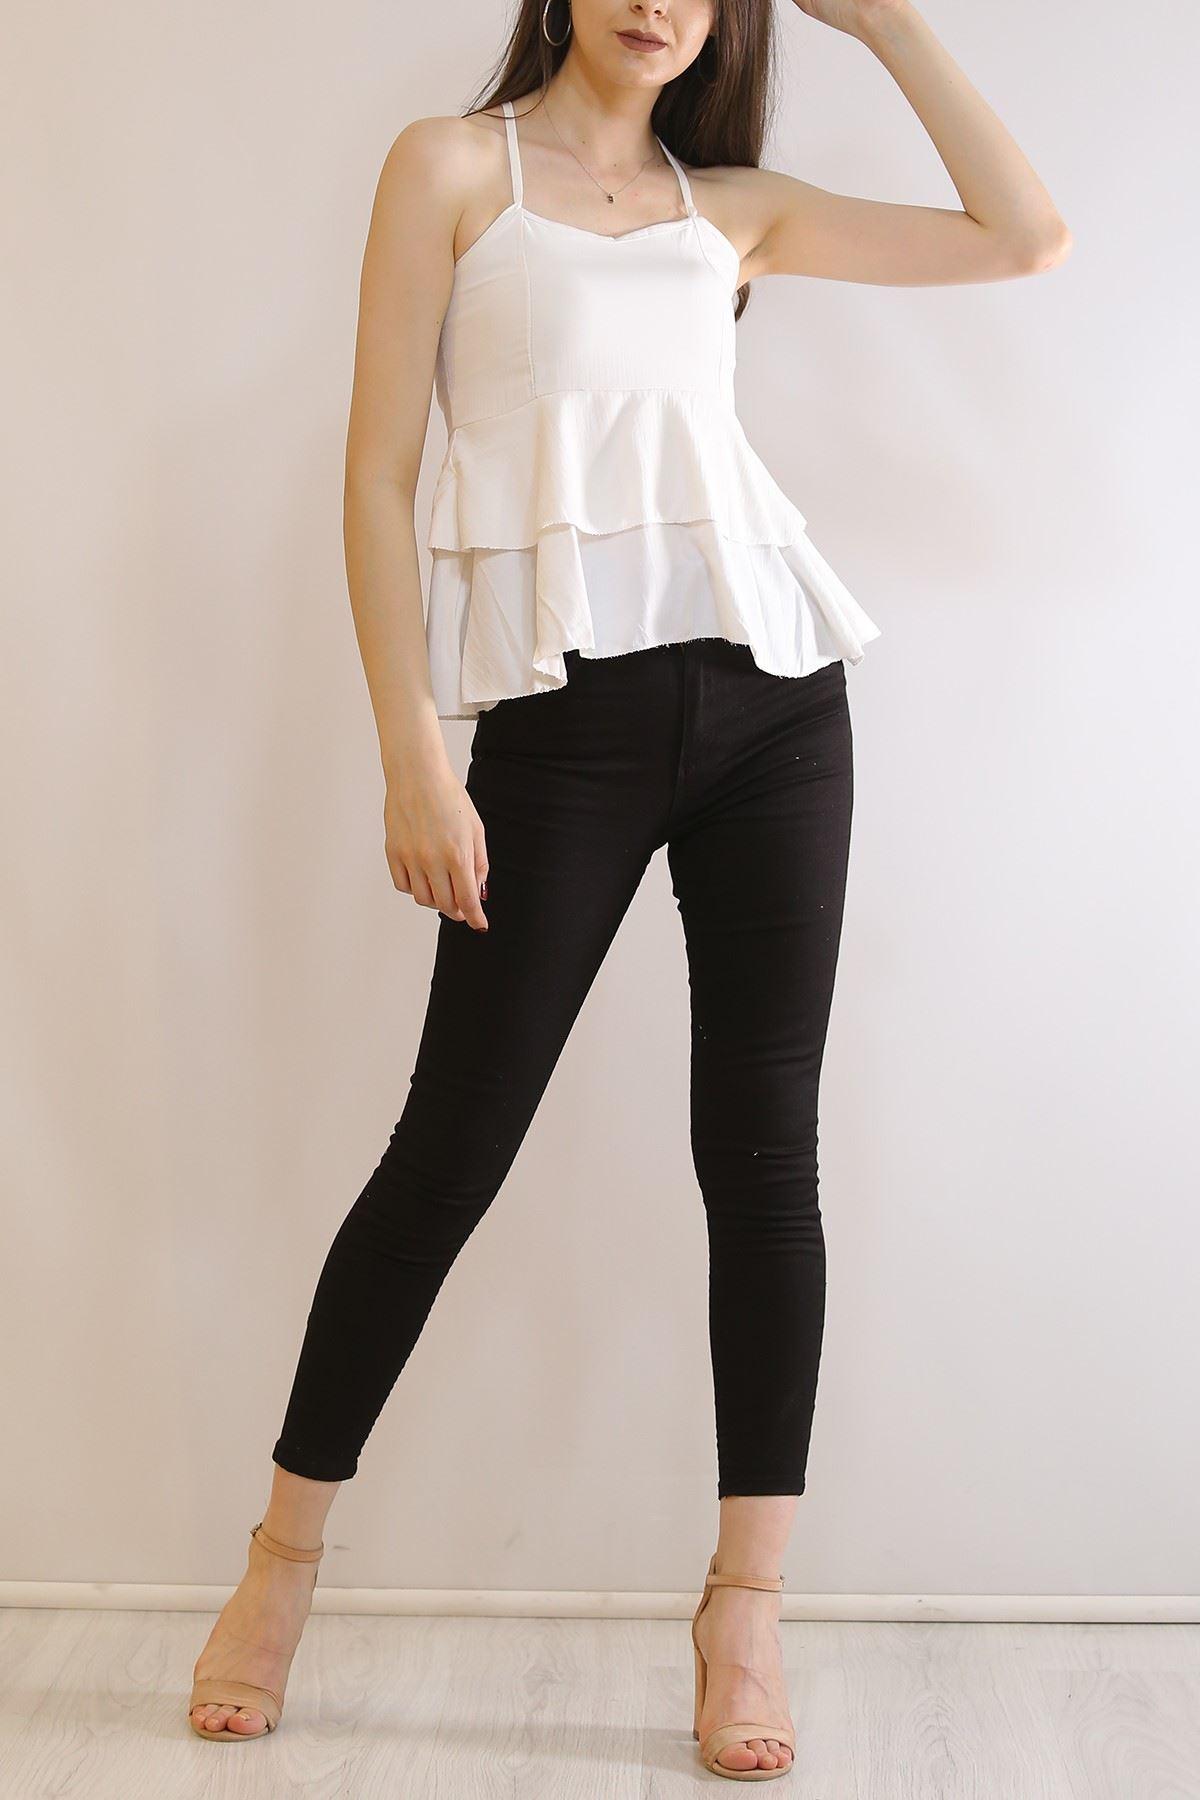 Çapraz Askılı Bluz Beyaz - 6080.1153.